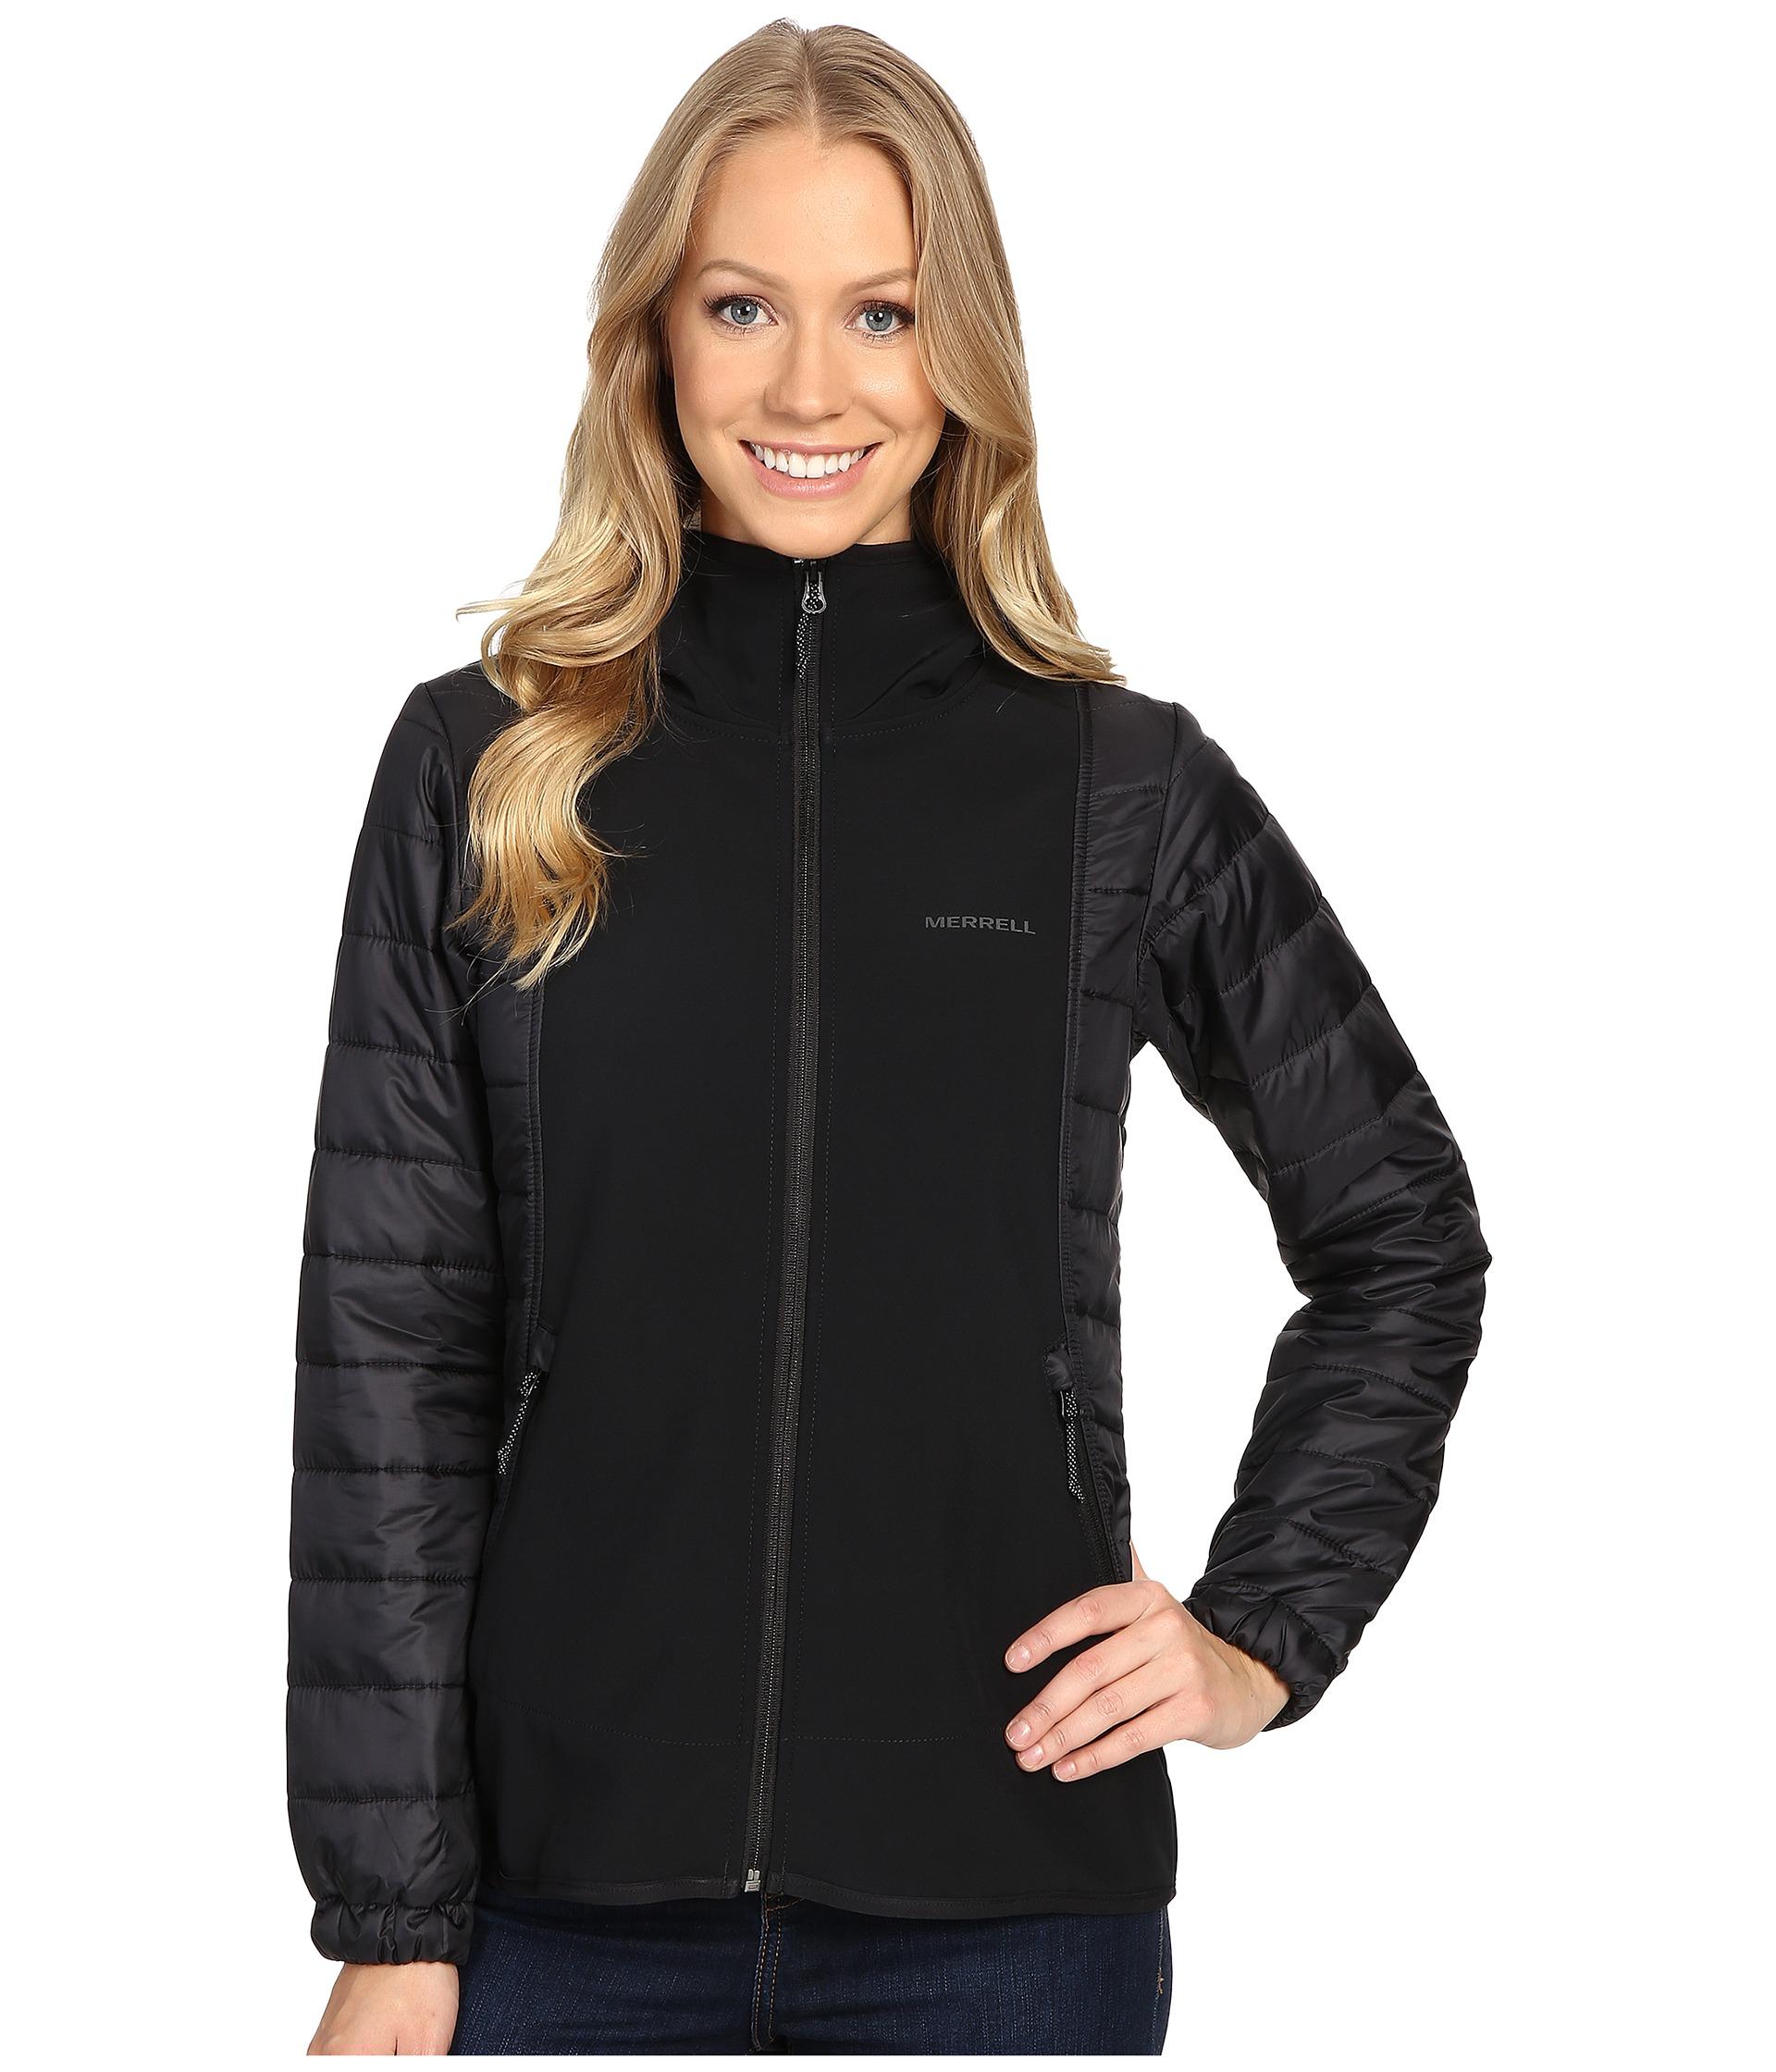 Merrell Northernlites Hybrid Softshell Jacket Black Zapposcom Free